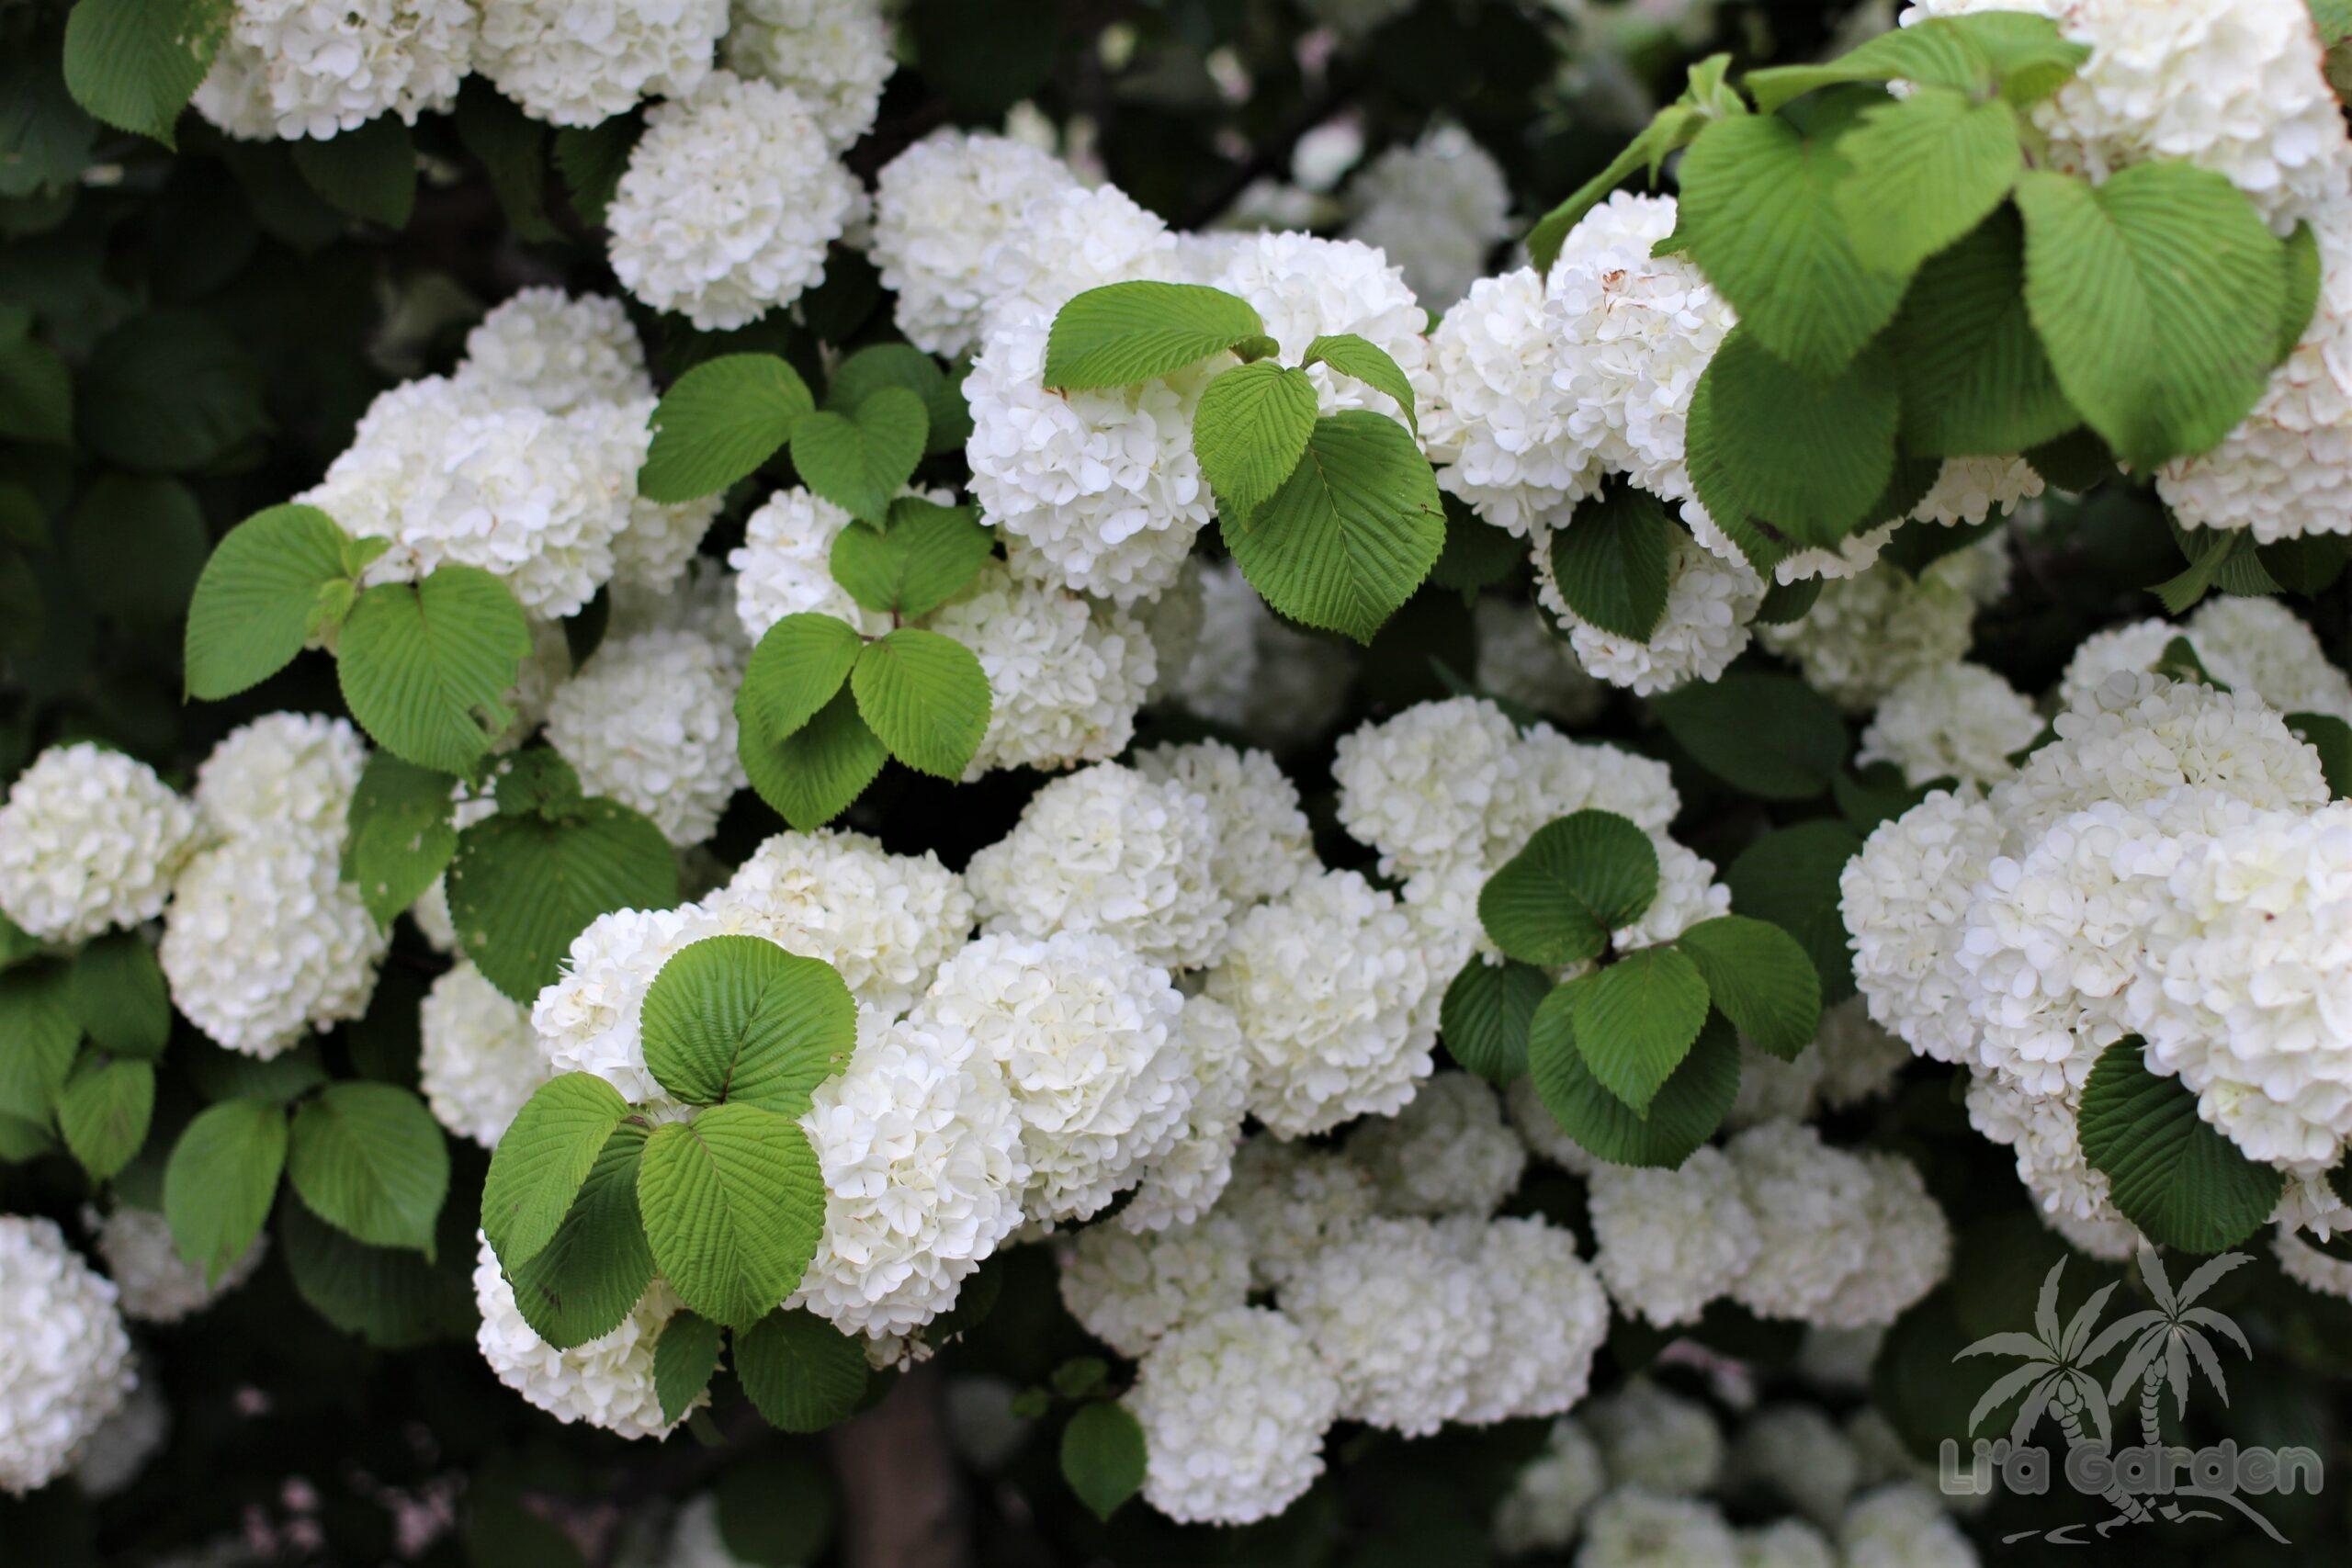 【中木】 オオデマリ Viburnum plicatum f. plicatum 〈落葉広葉樹〉